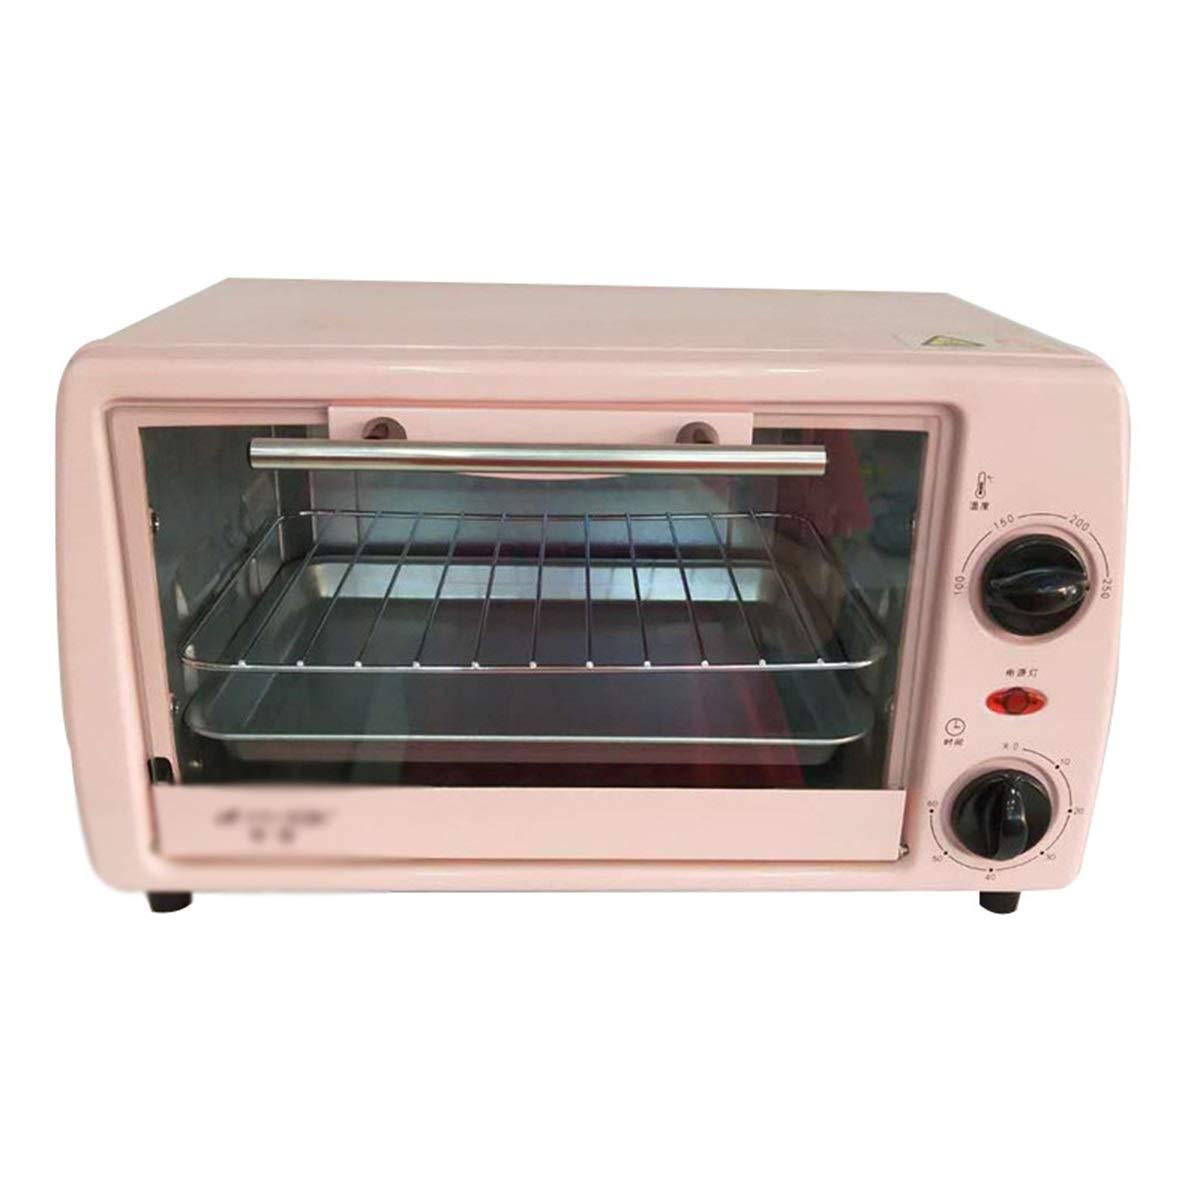 憧れ NKDK - ミニオーブン オーブン - ミニオーブン12L家庭用電気オーブン上下暖房オーブンギフト多機能ベーキングオーブンオーブン -38 -38 オーブン B07Q3NCWLC, 近鉄和歌山:de032b25 --- yelica.com